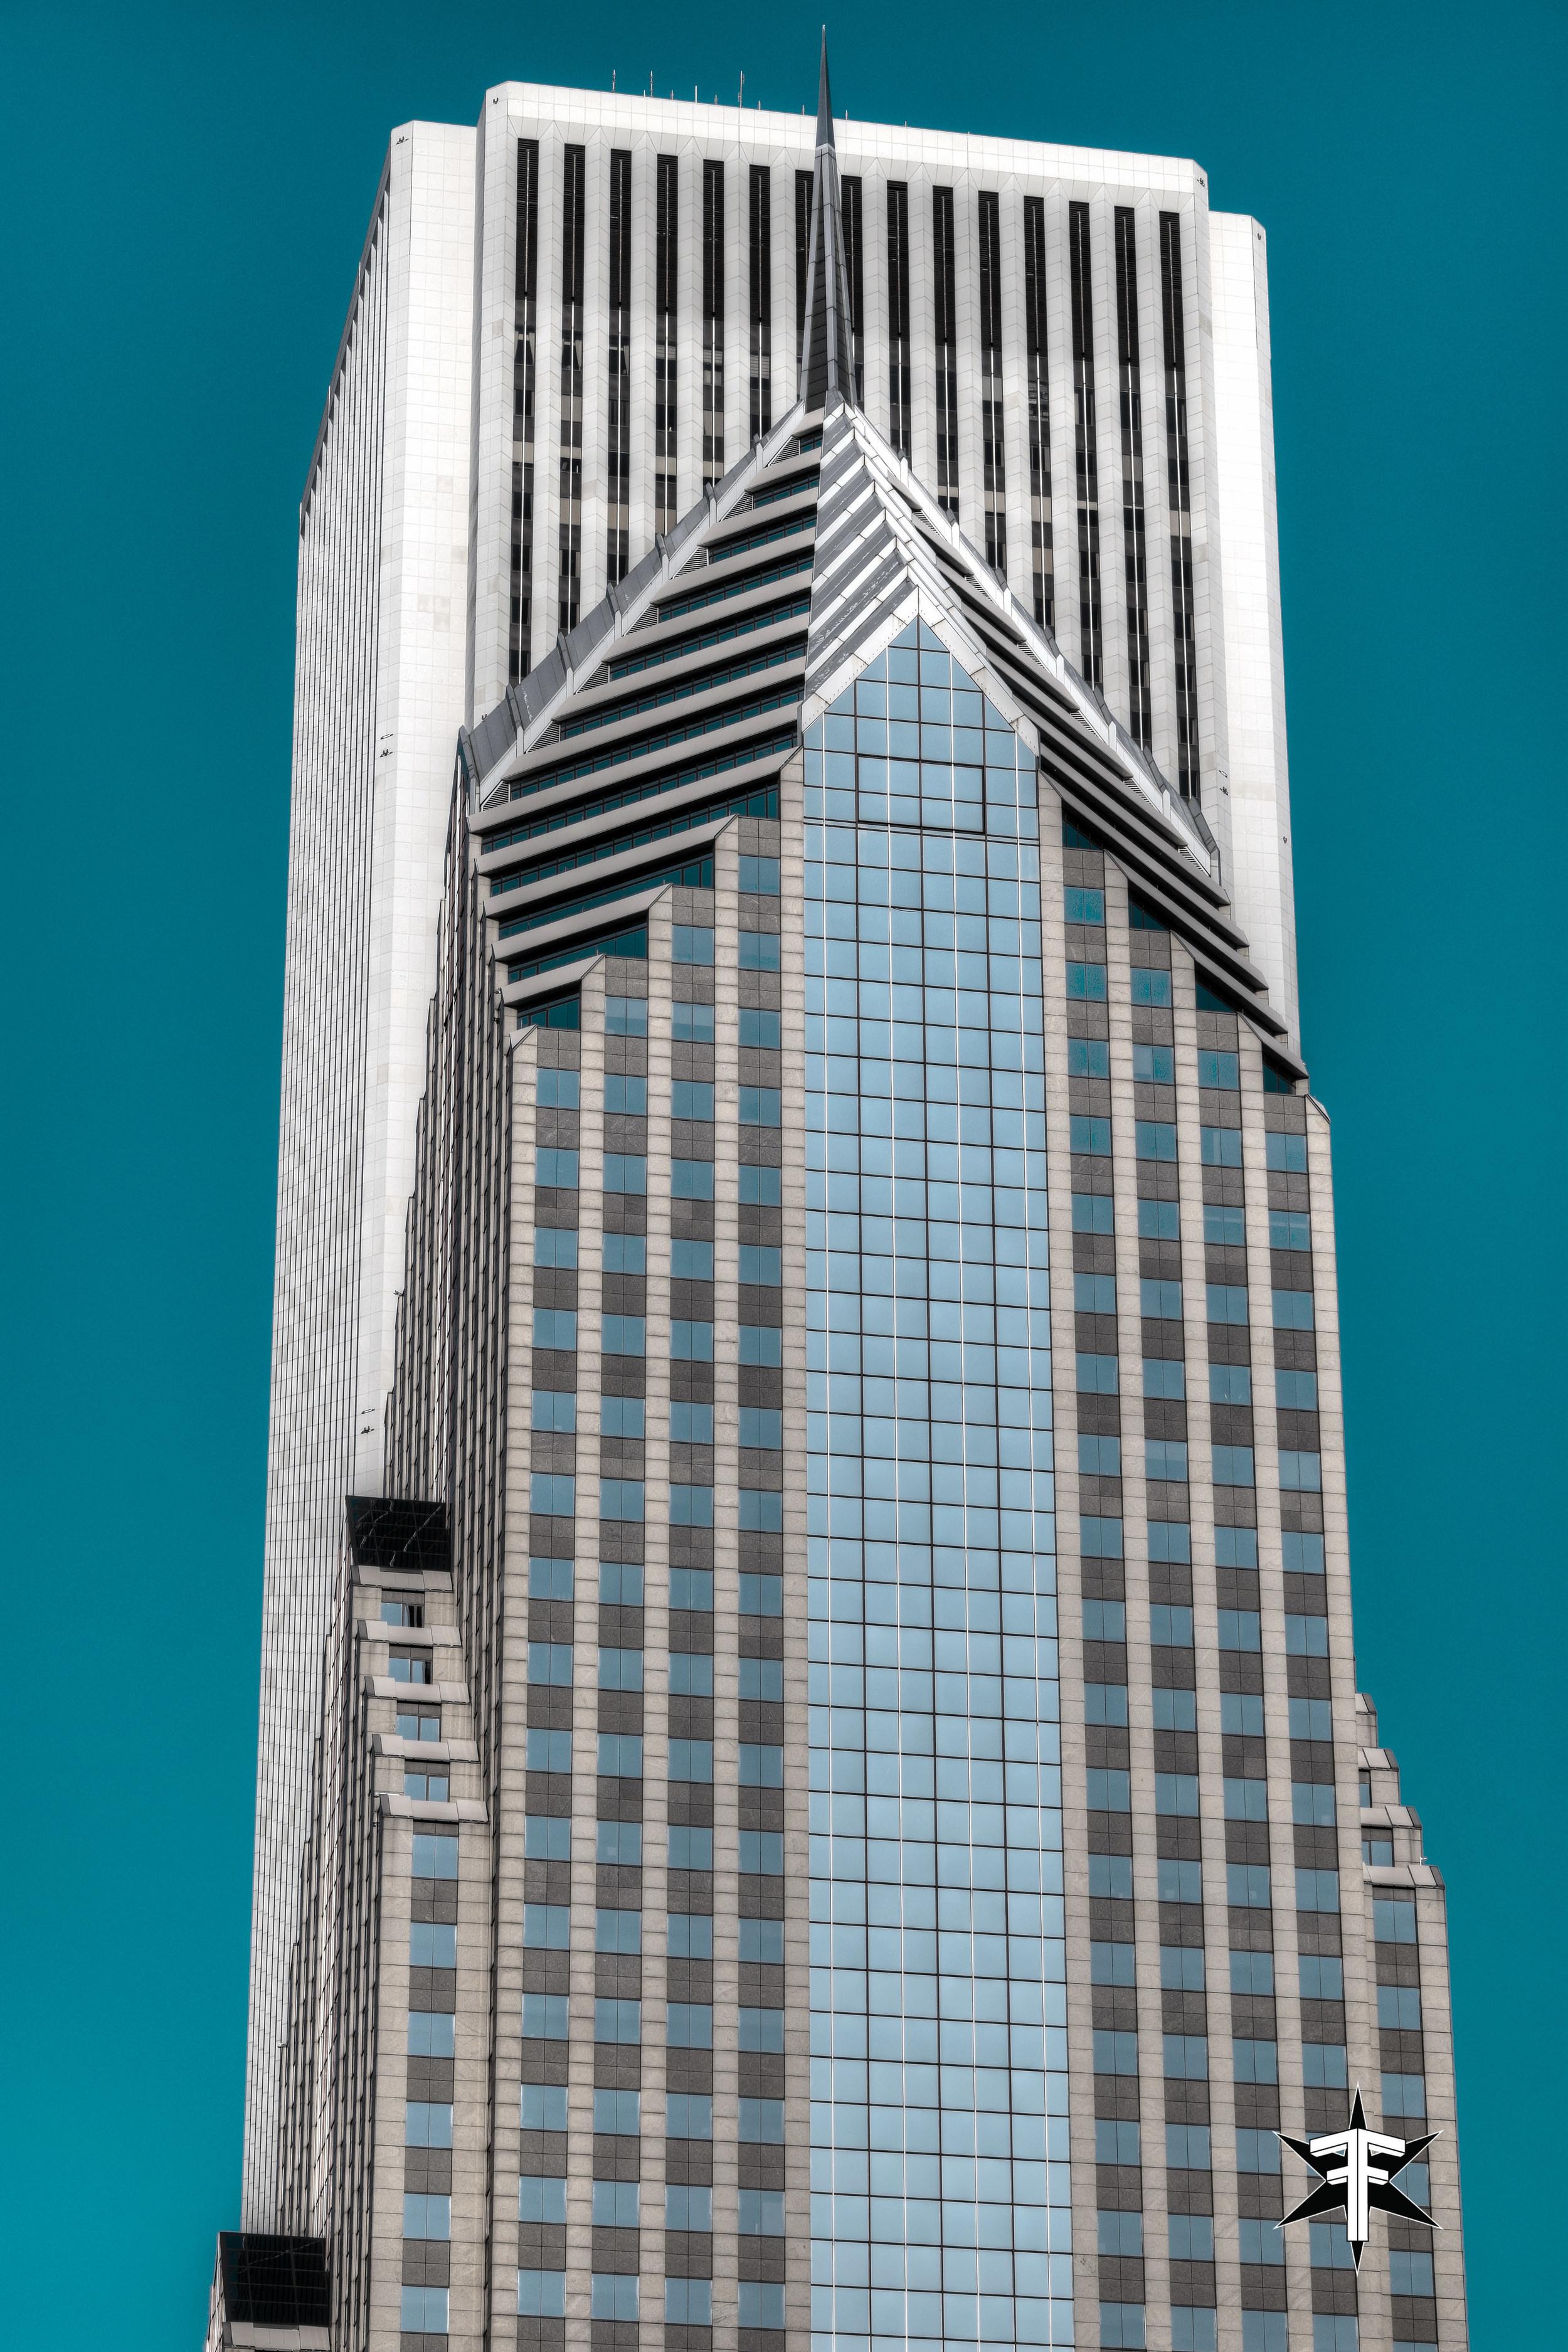 chicago architecture eric formato photography design arquitectura architettura buildings skyscraper skyscrapers-111.jpg